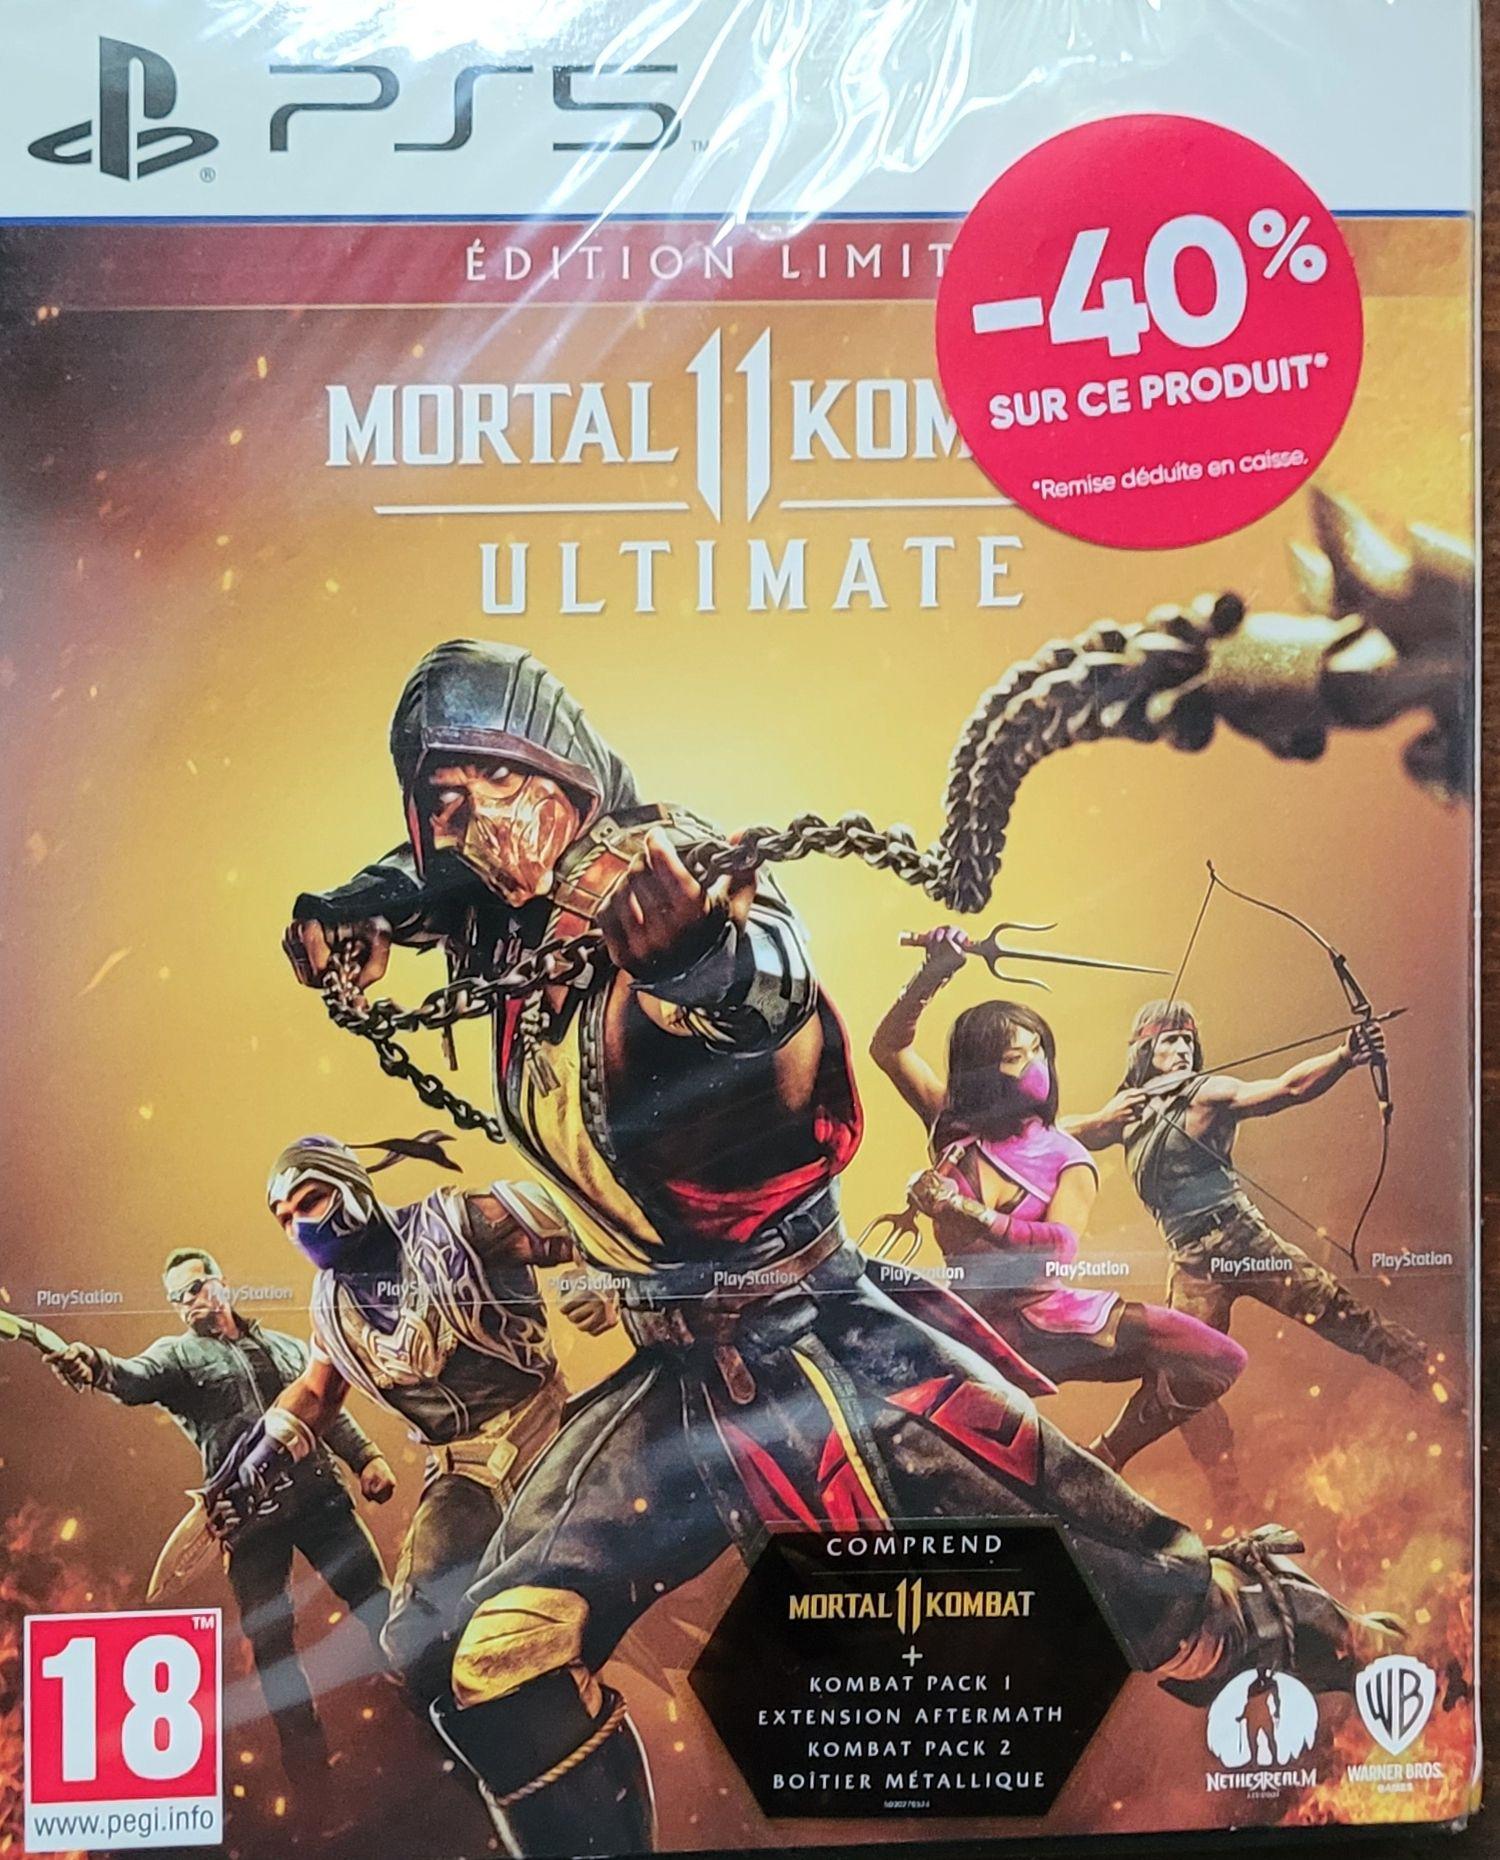 Mortal Kombat 11 Édition Limitée sur PS5 - Crest (26)